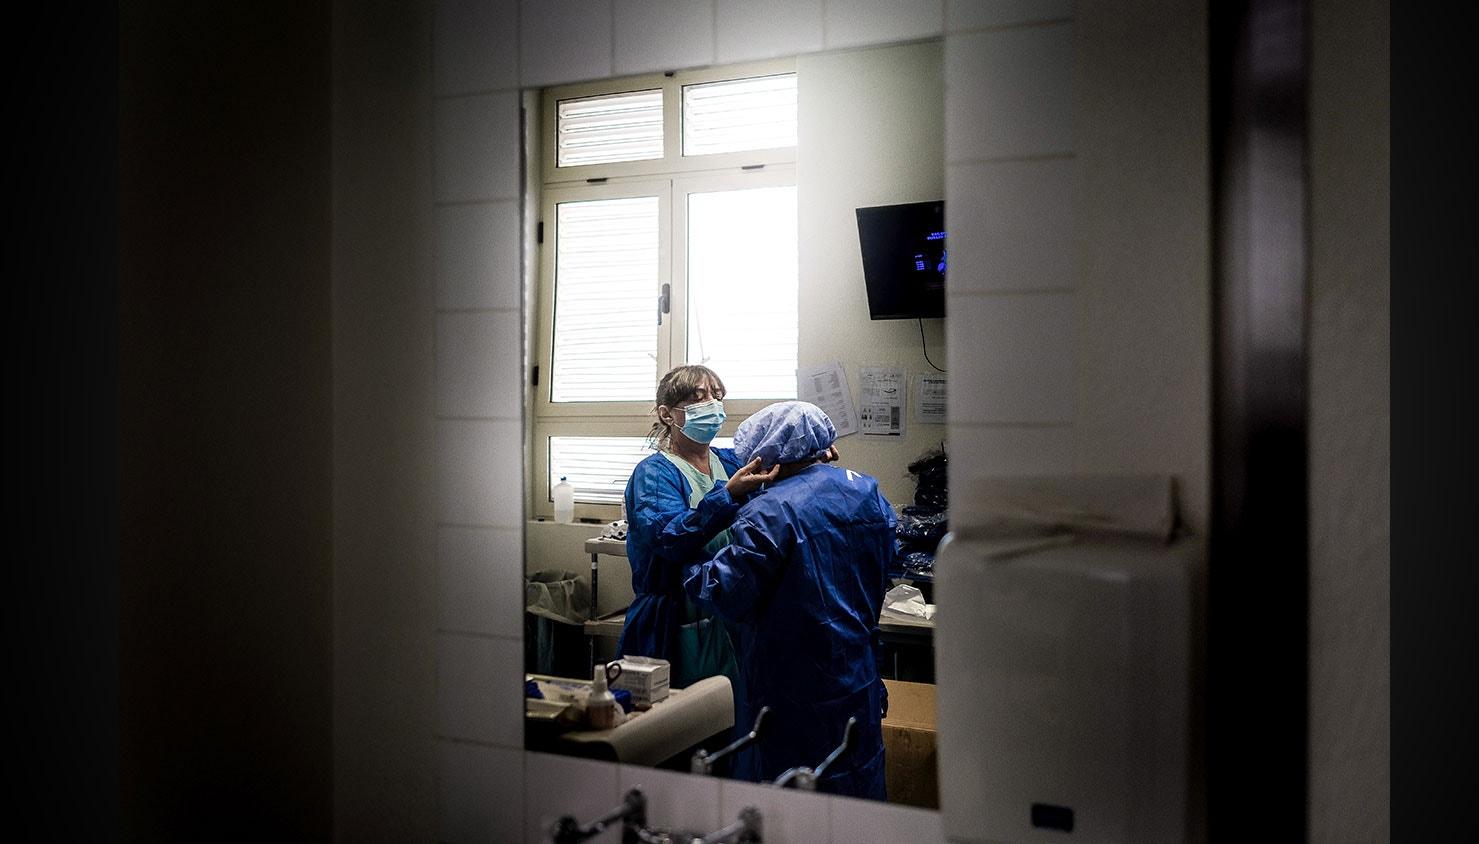 Enfermeiras equipam-se na área reservada para doentes Covid-19. / Mário Cruz - Lusa